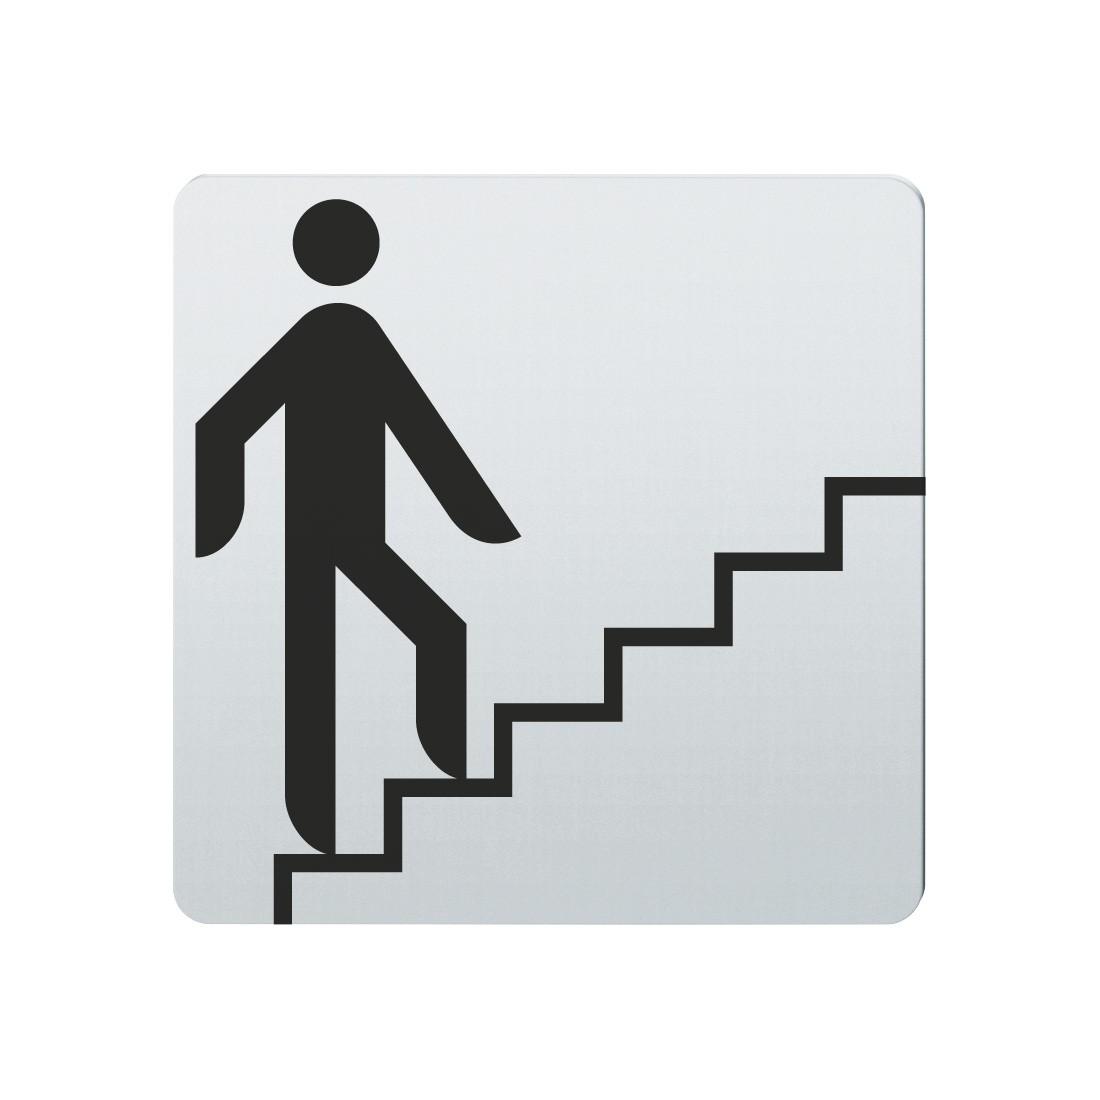 FSB Hinweiszeichen Treppe n.oben Lasergraviert Edelstahl fein matt (0 36 4059 00014 6204)